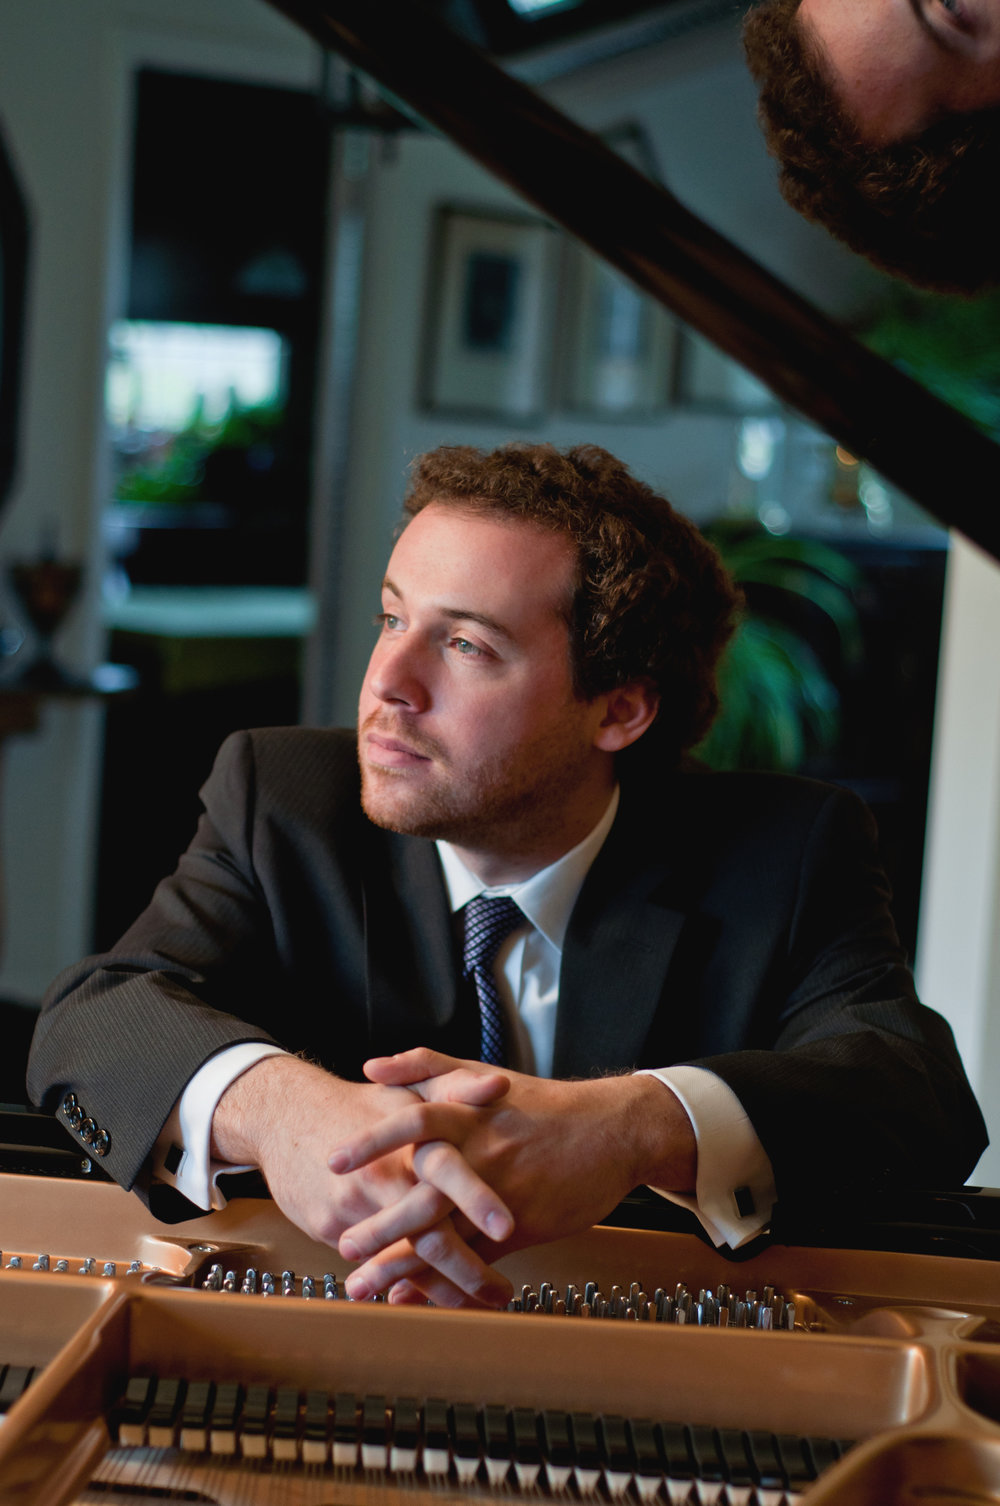 Solomon Eichner, pianist